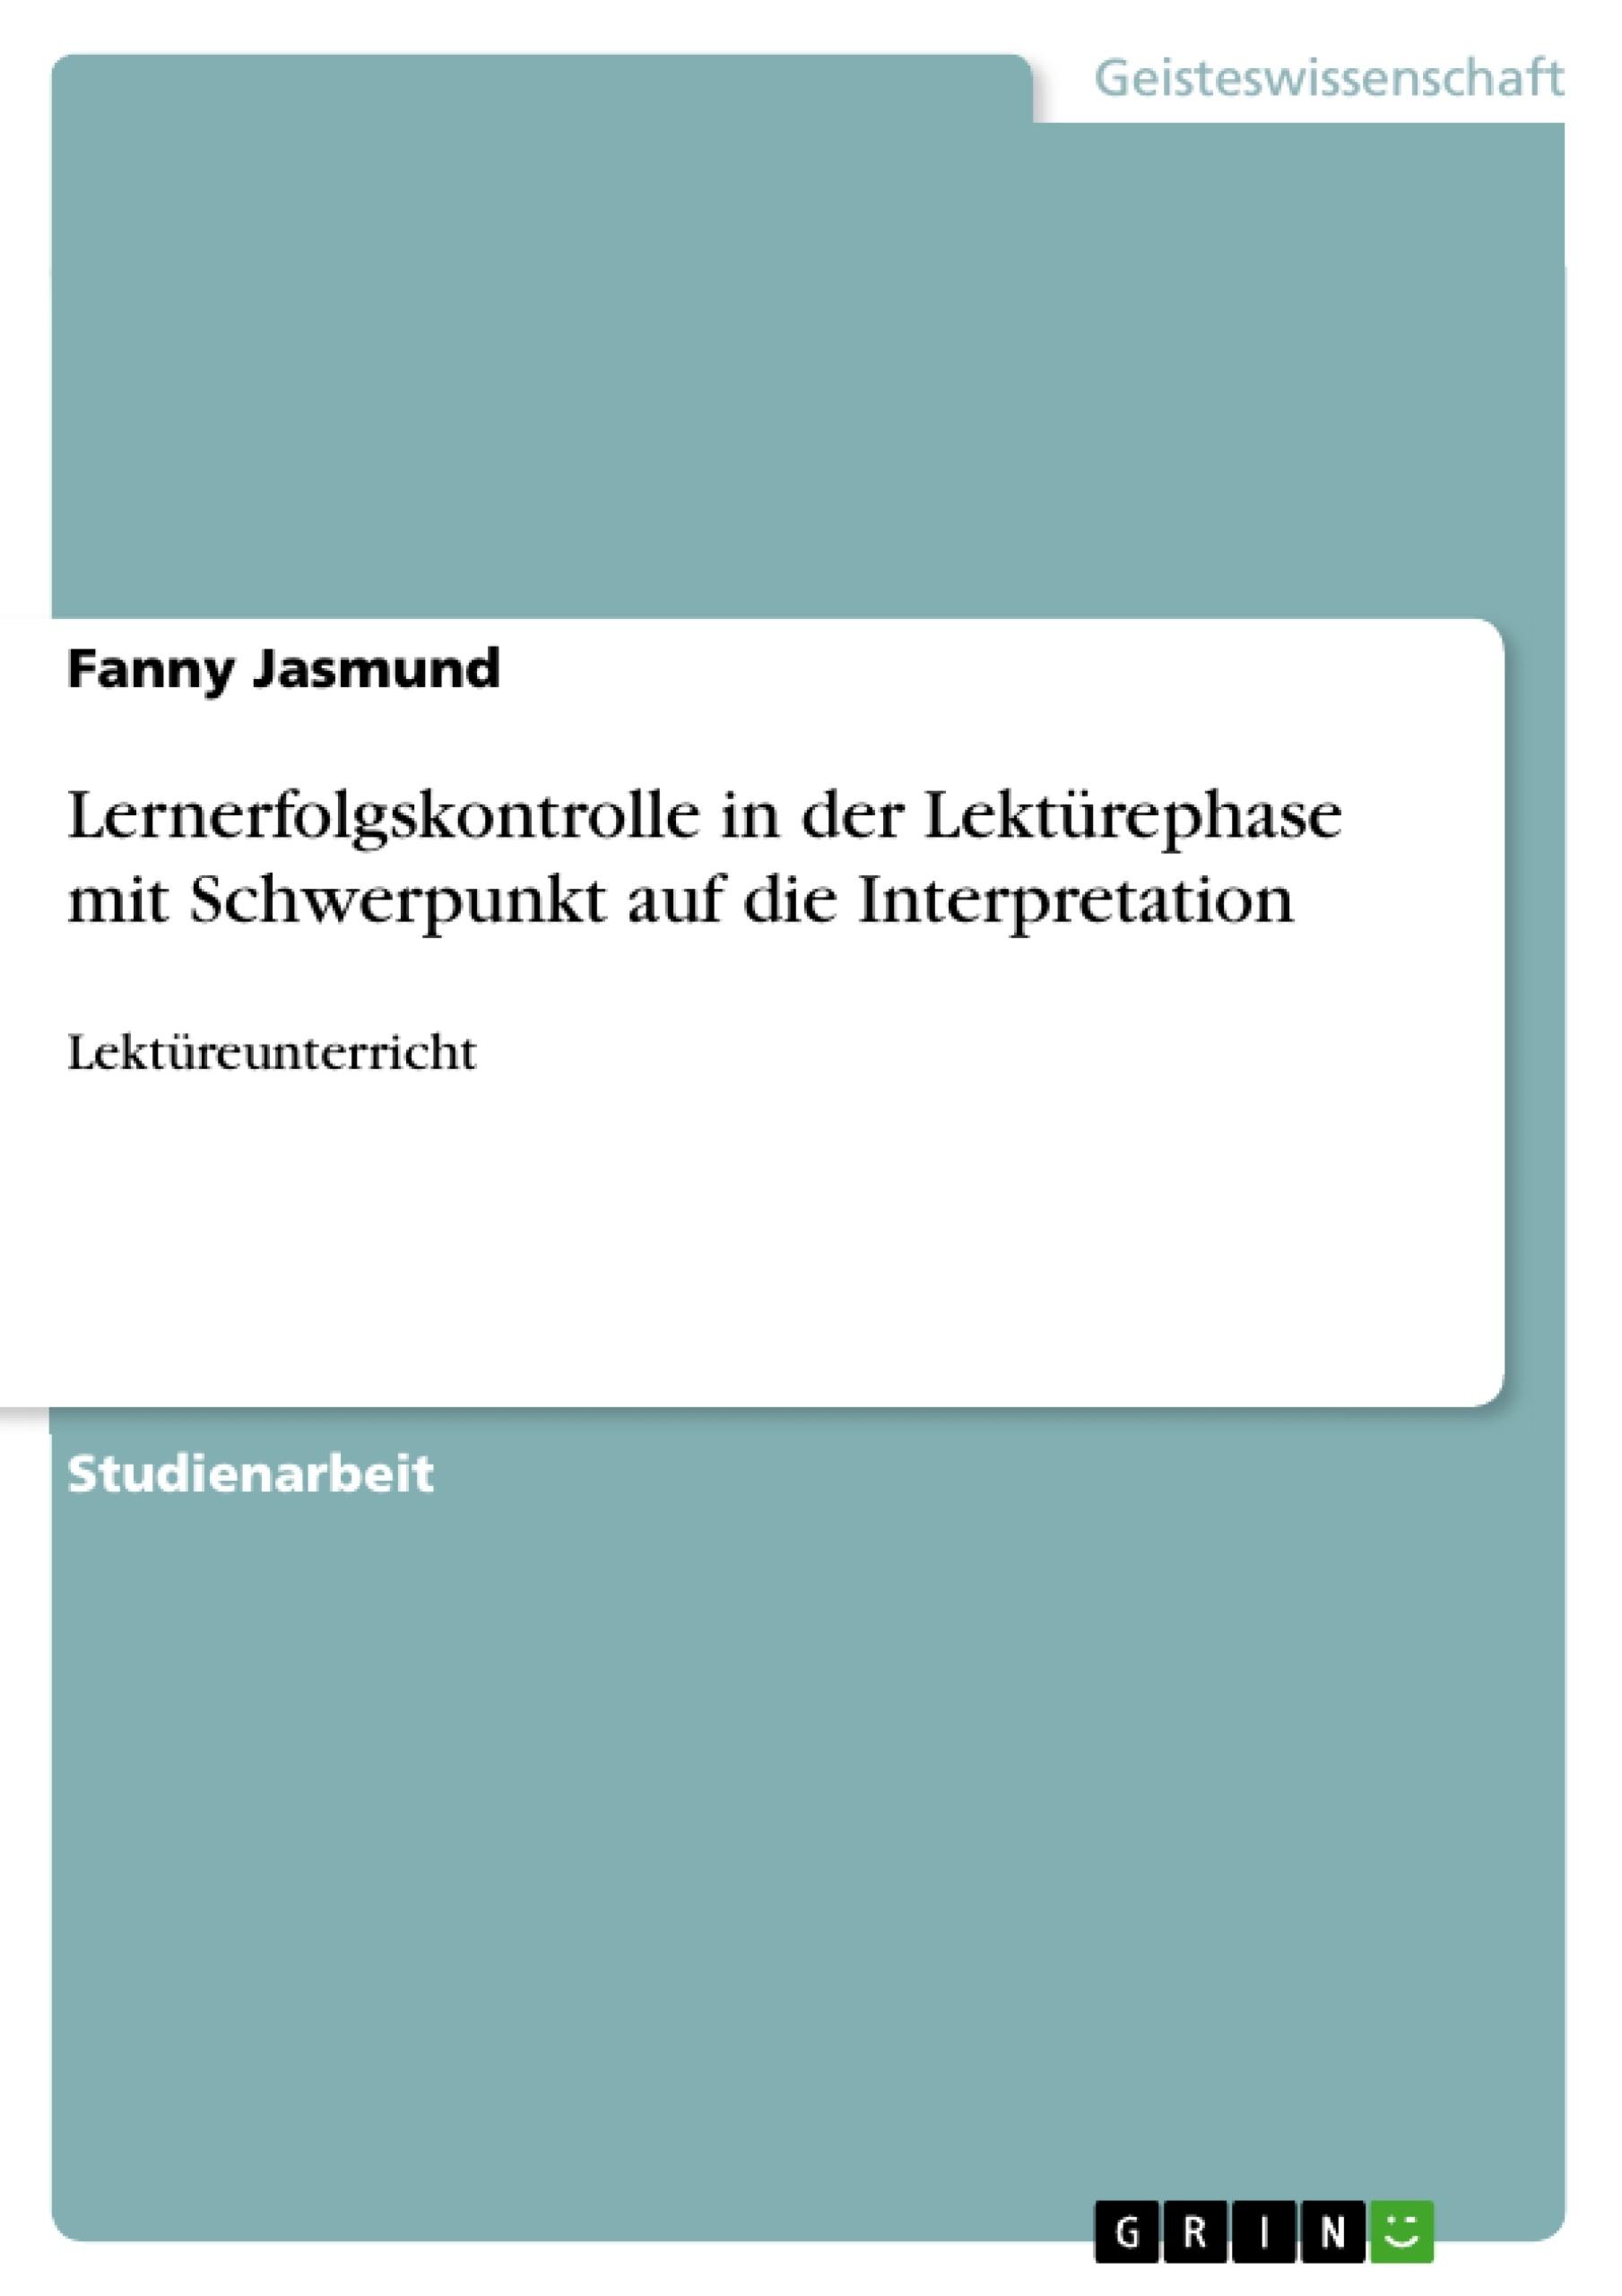 Titel: Lernerfolgskontrolle in der Lektürephase mit Schwerpunkt auf die Interpretation